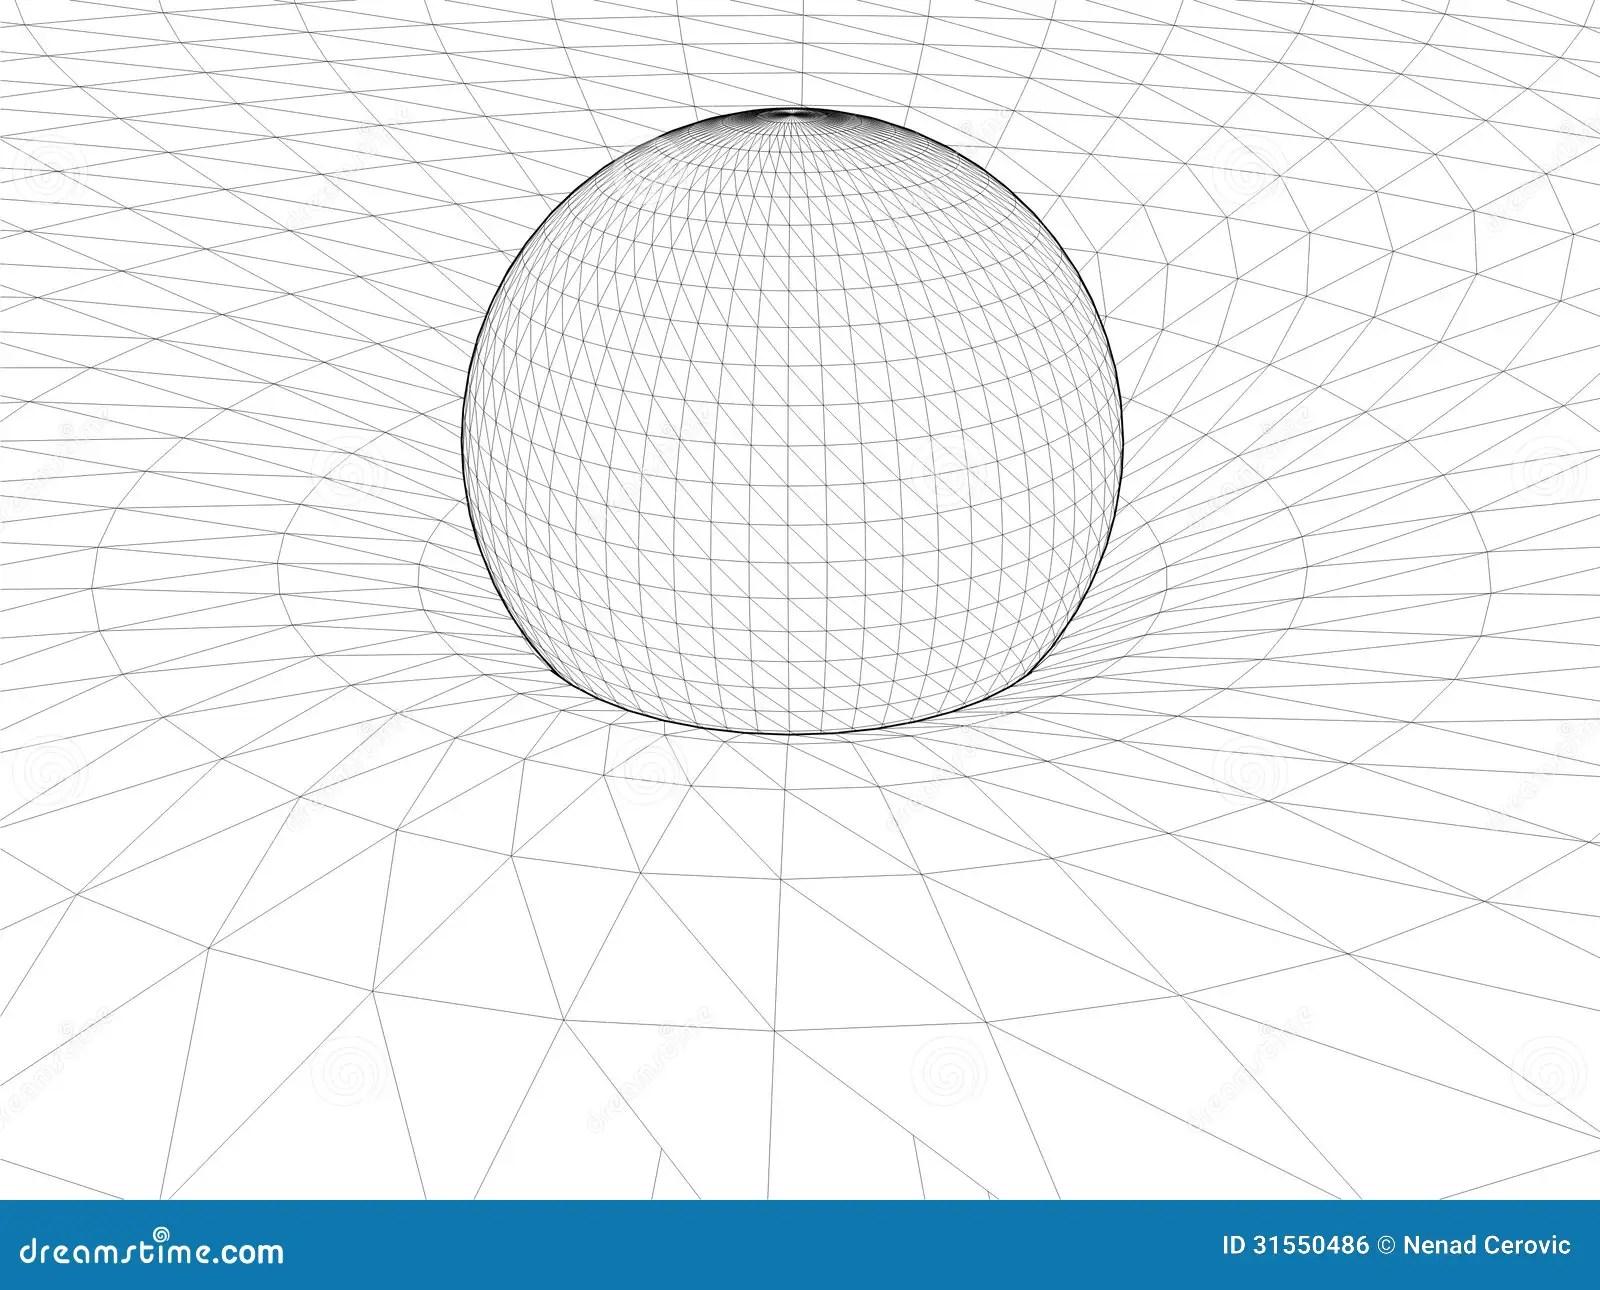 Einstein's Wire Net General Theory Of Relativity Structure